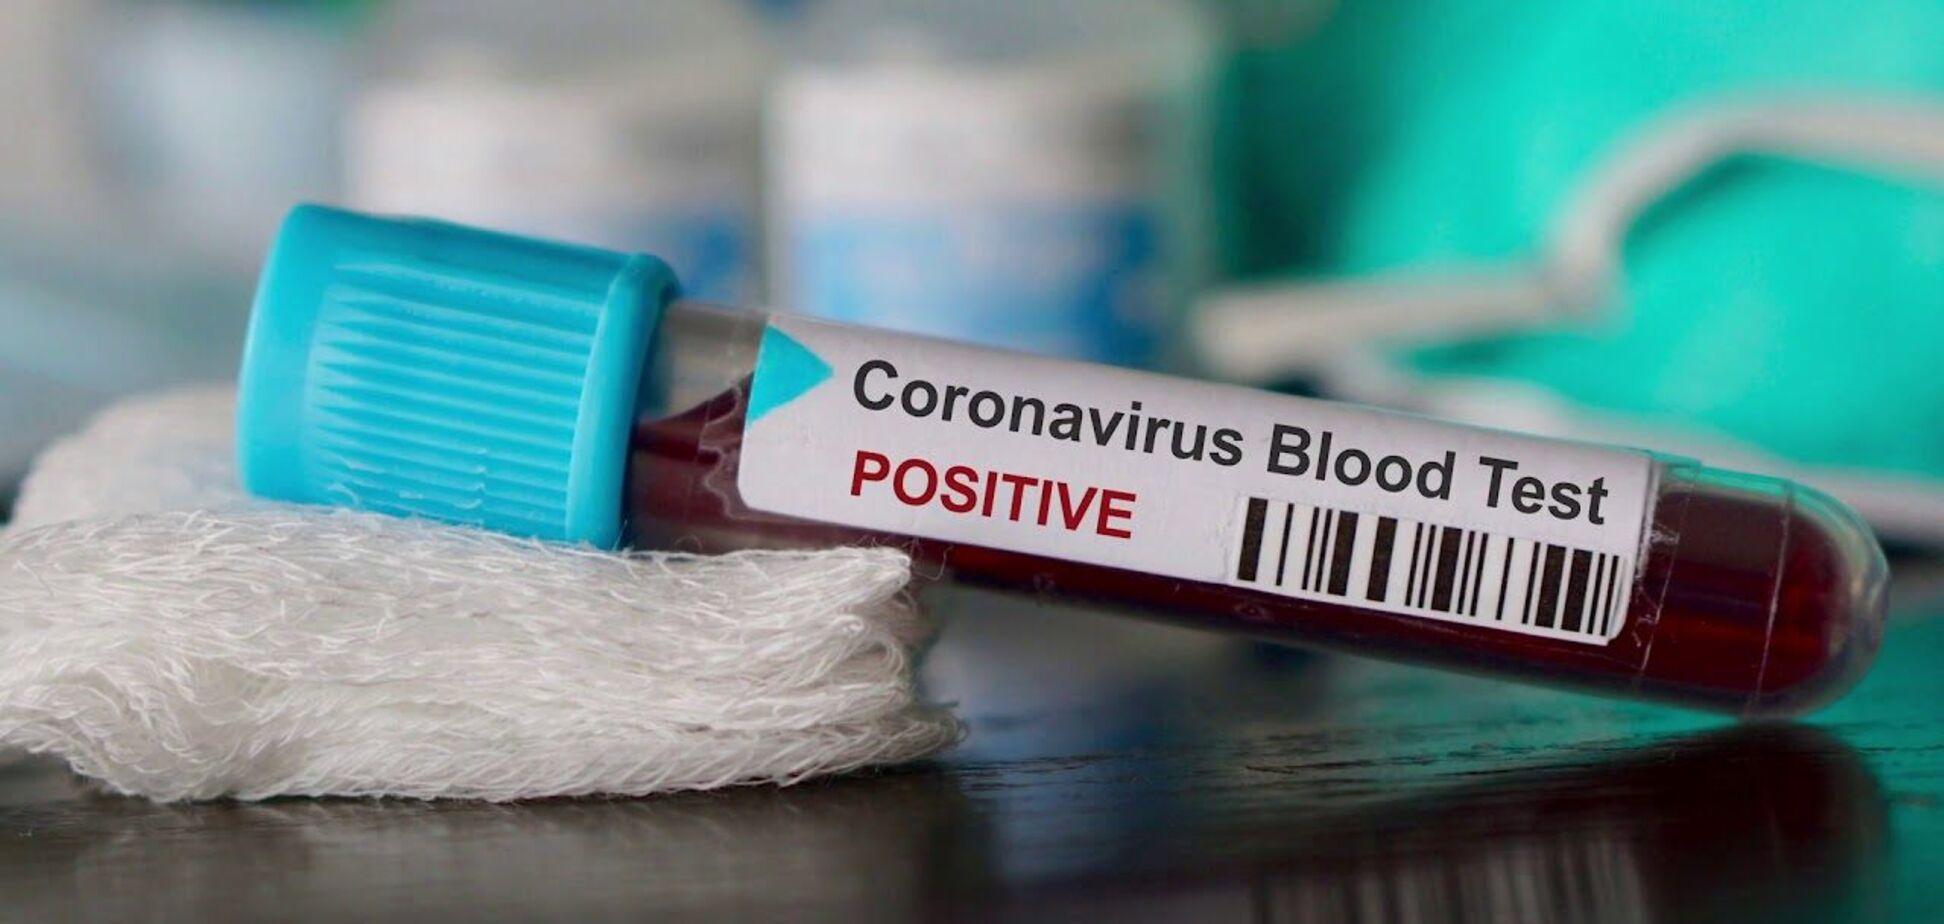 В Днепре обнаружили новые случаи заражения COVID-19: актуальная статистика